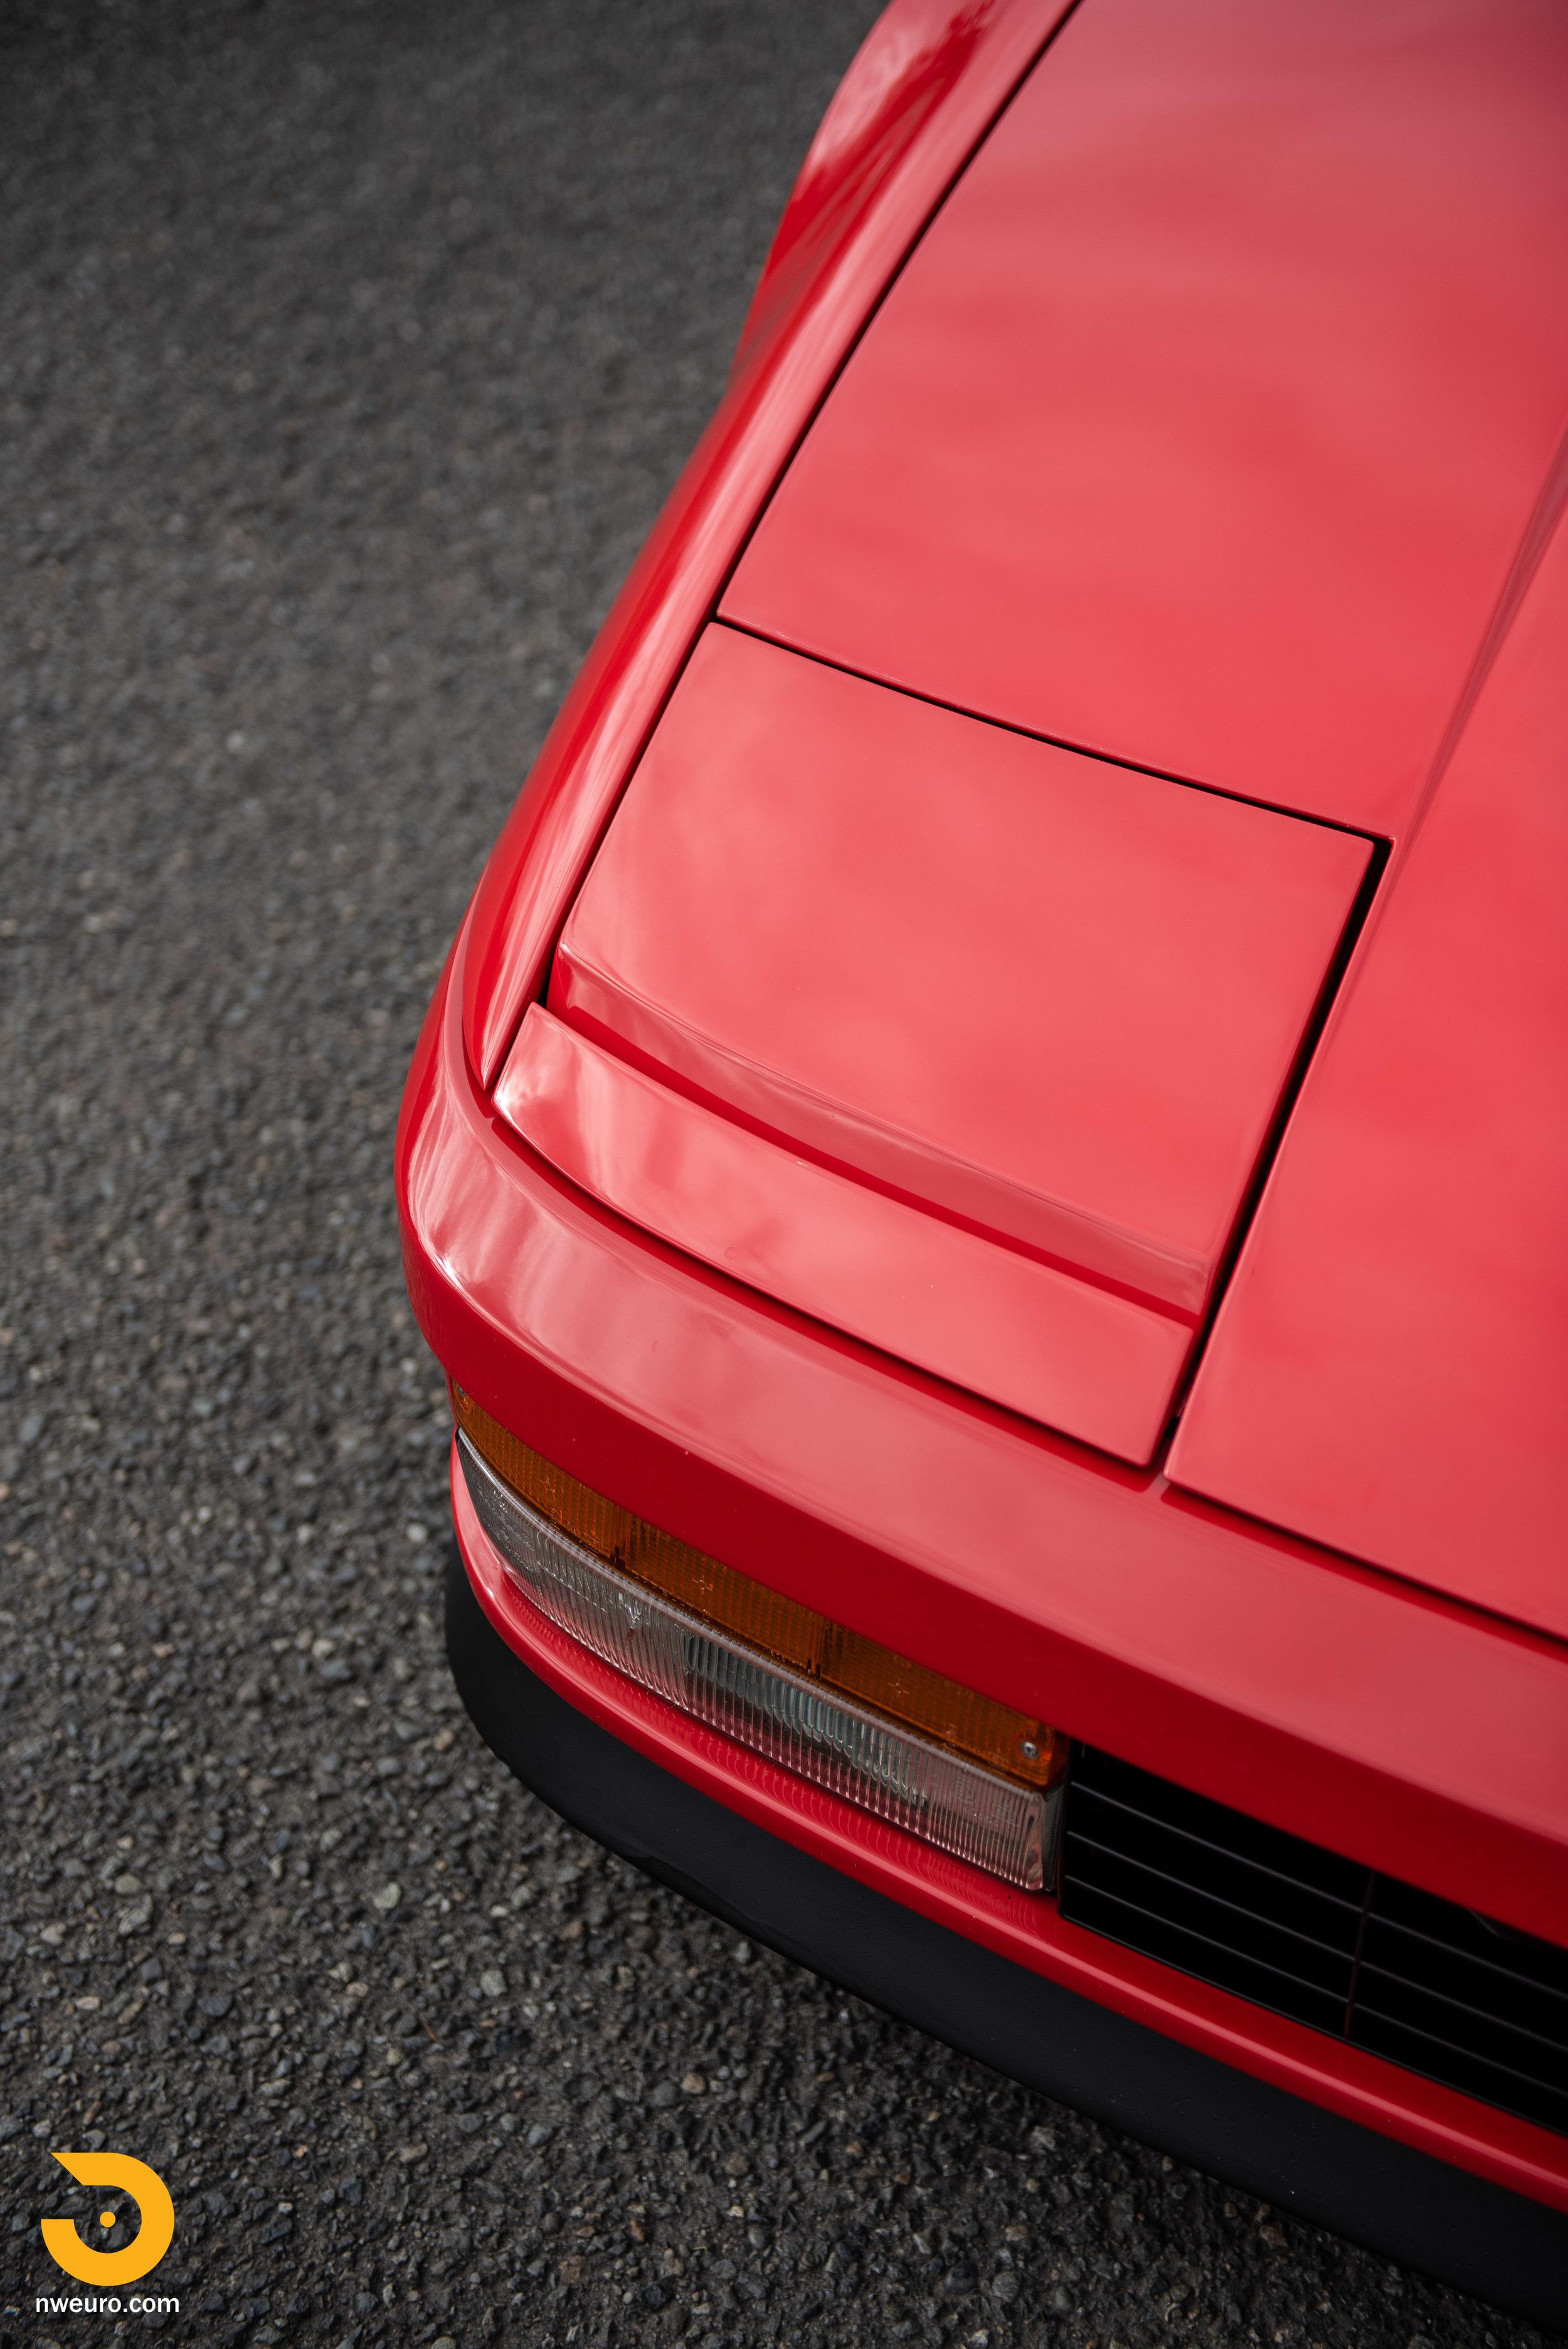 1988 Ferrari Testarossa-14.jpg